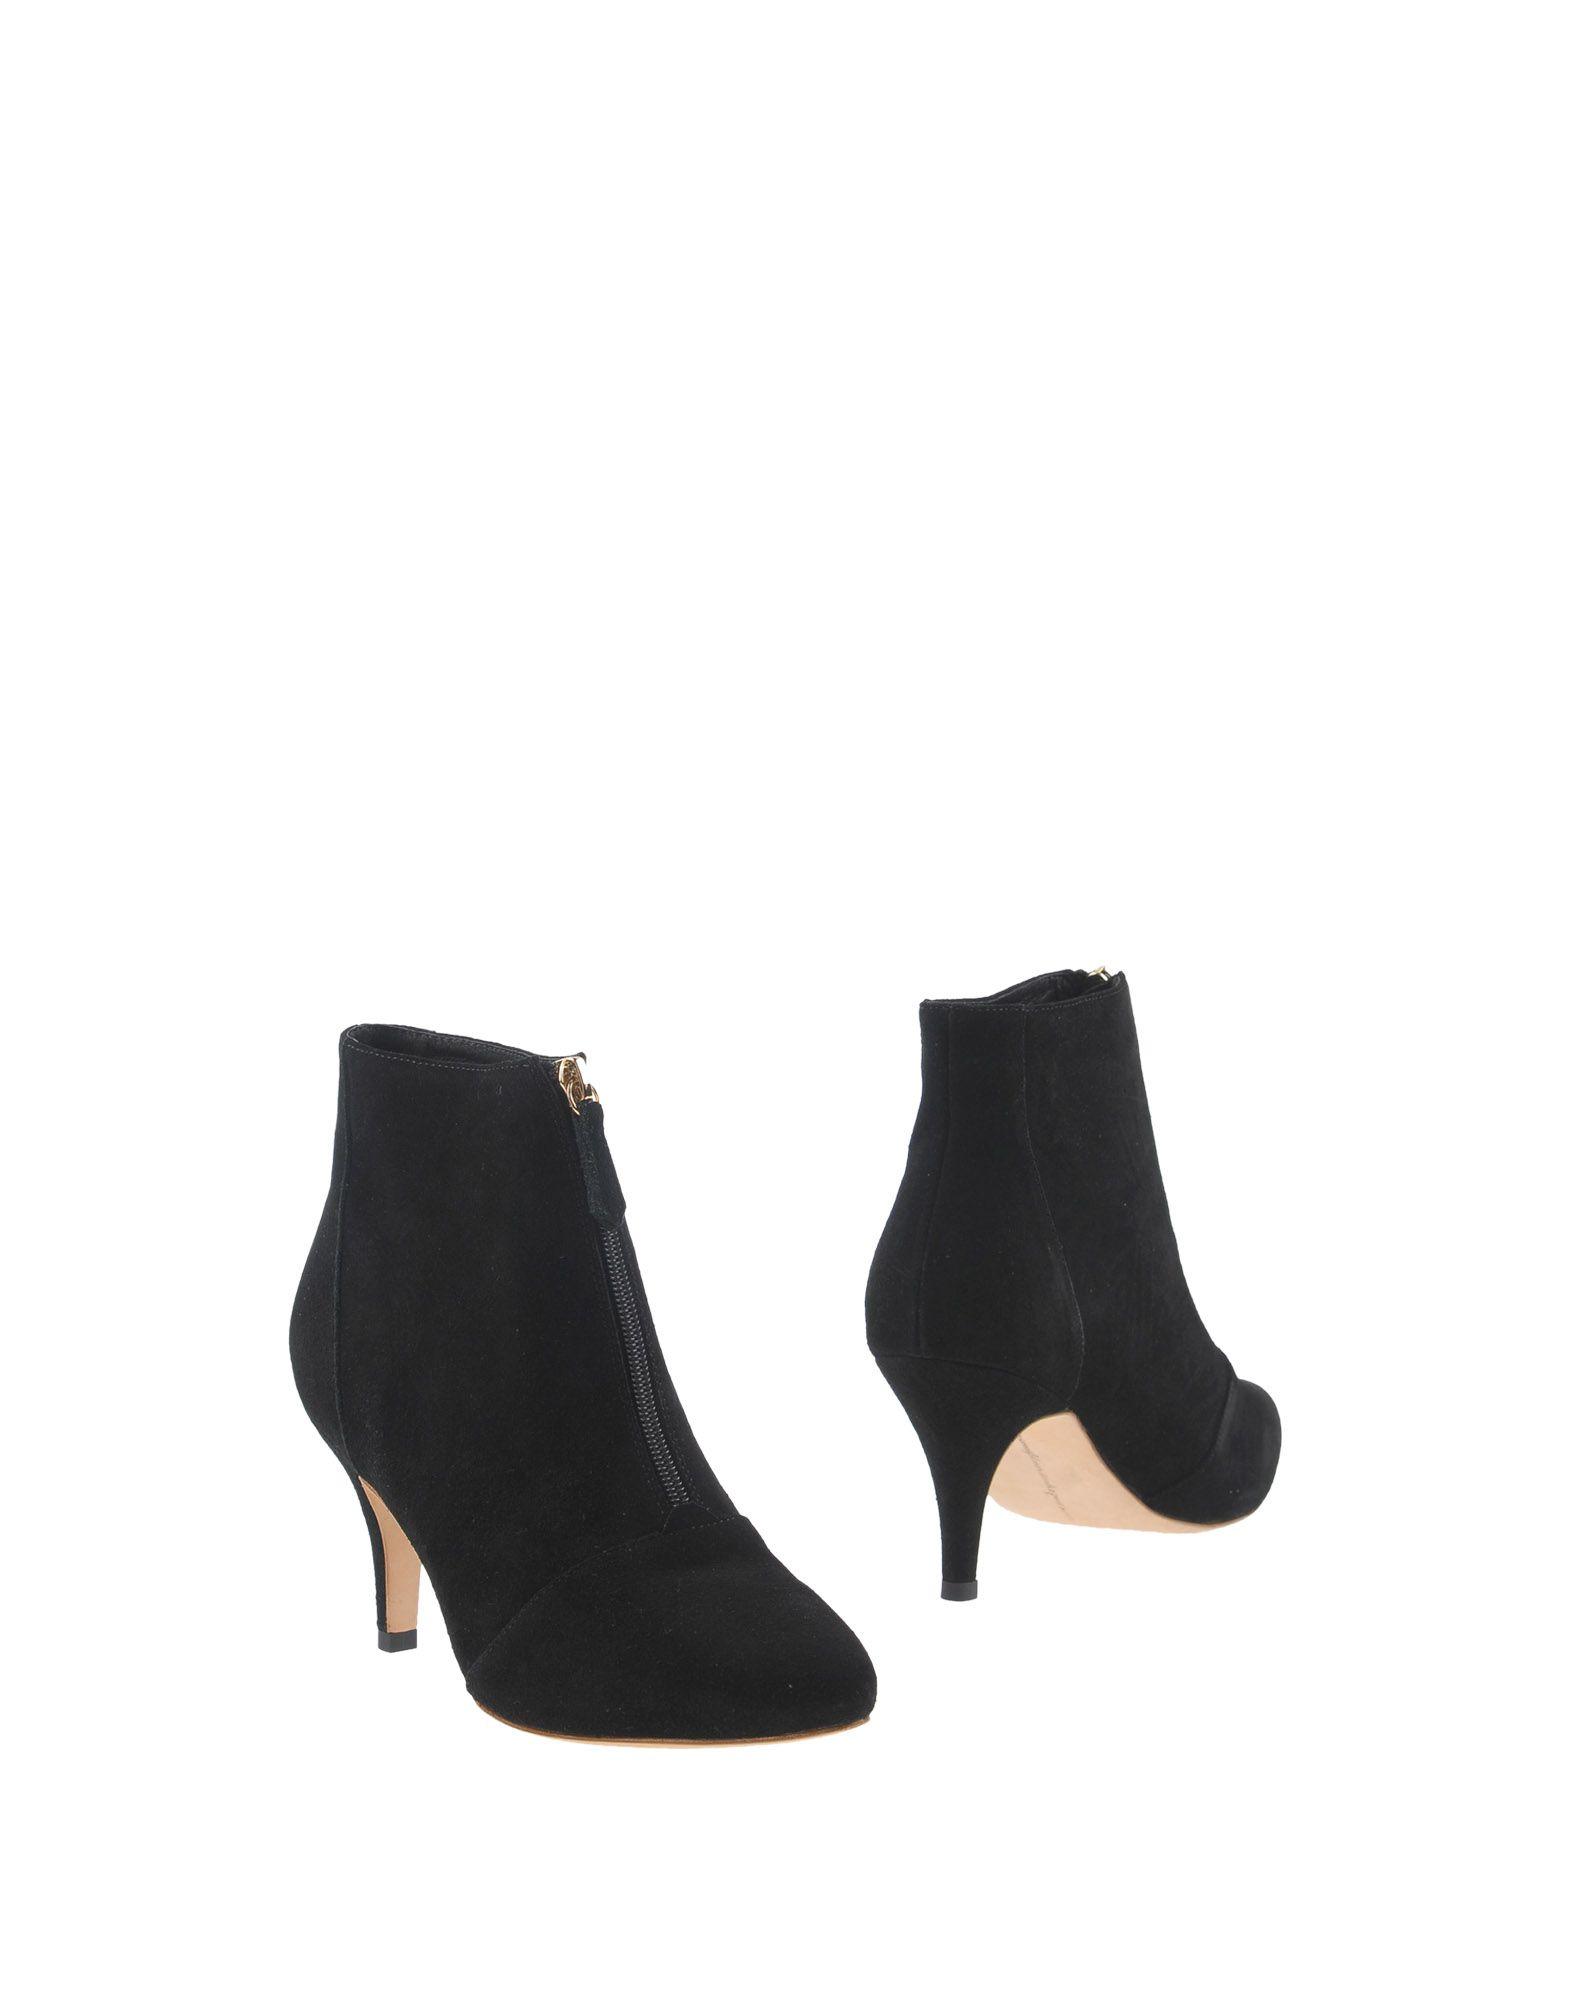 Sargossa Stiefelette Damen  11280212QX Gute Qualität beliebte Schuhe